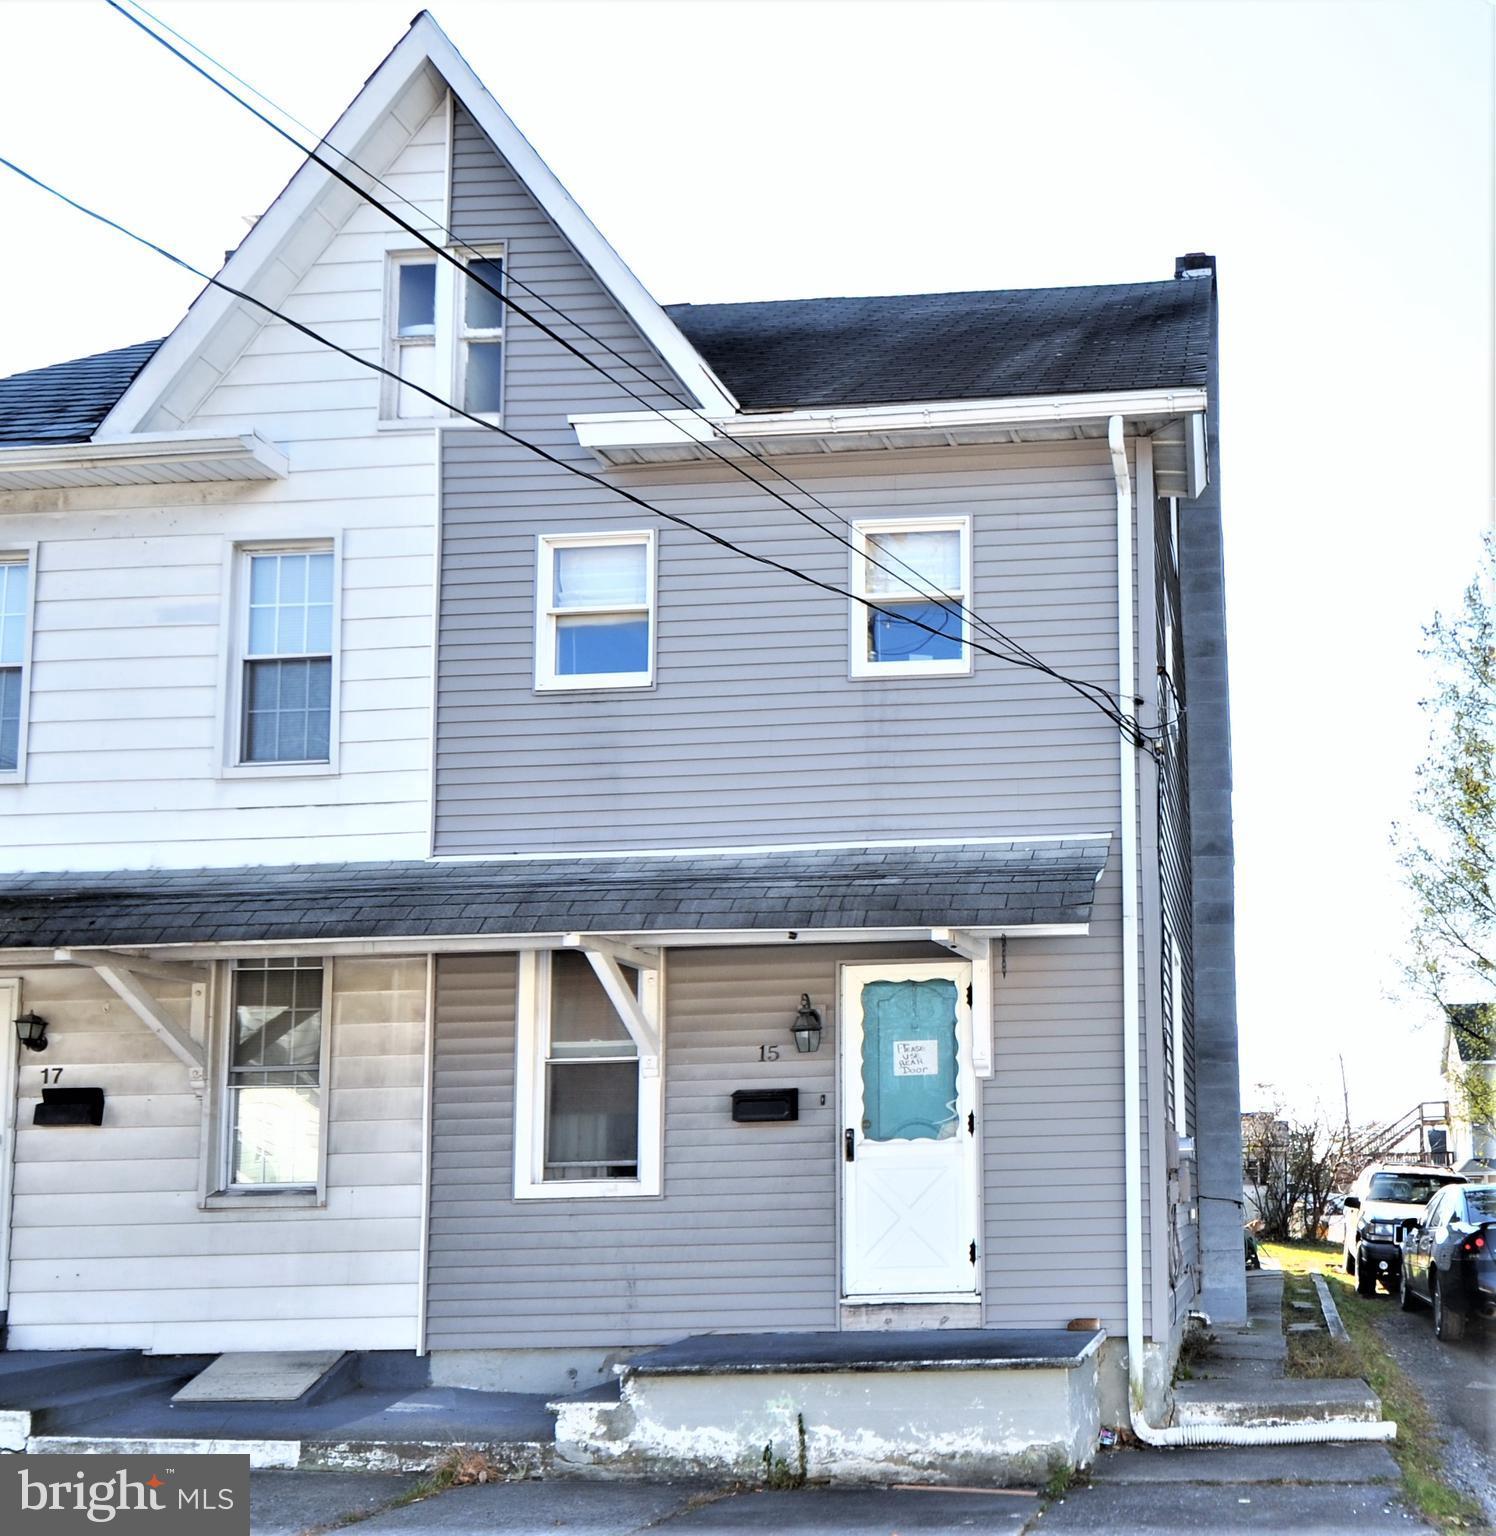 15 E 3RD STREET, WIND GAP, PA 18091